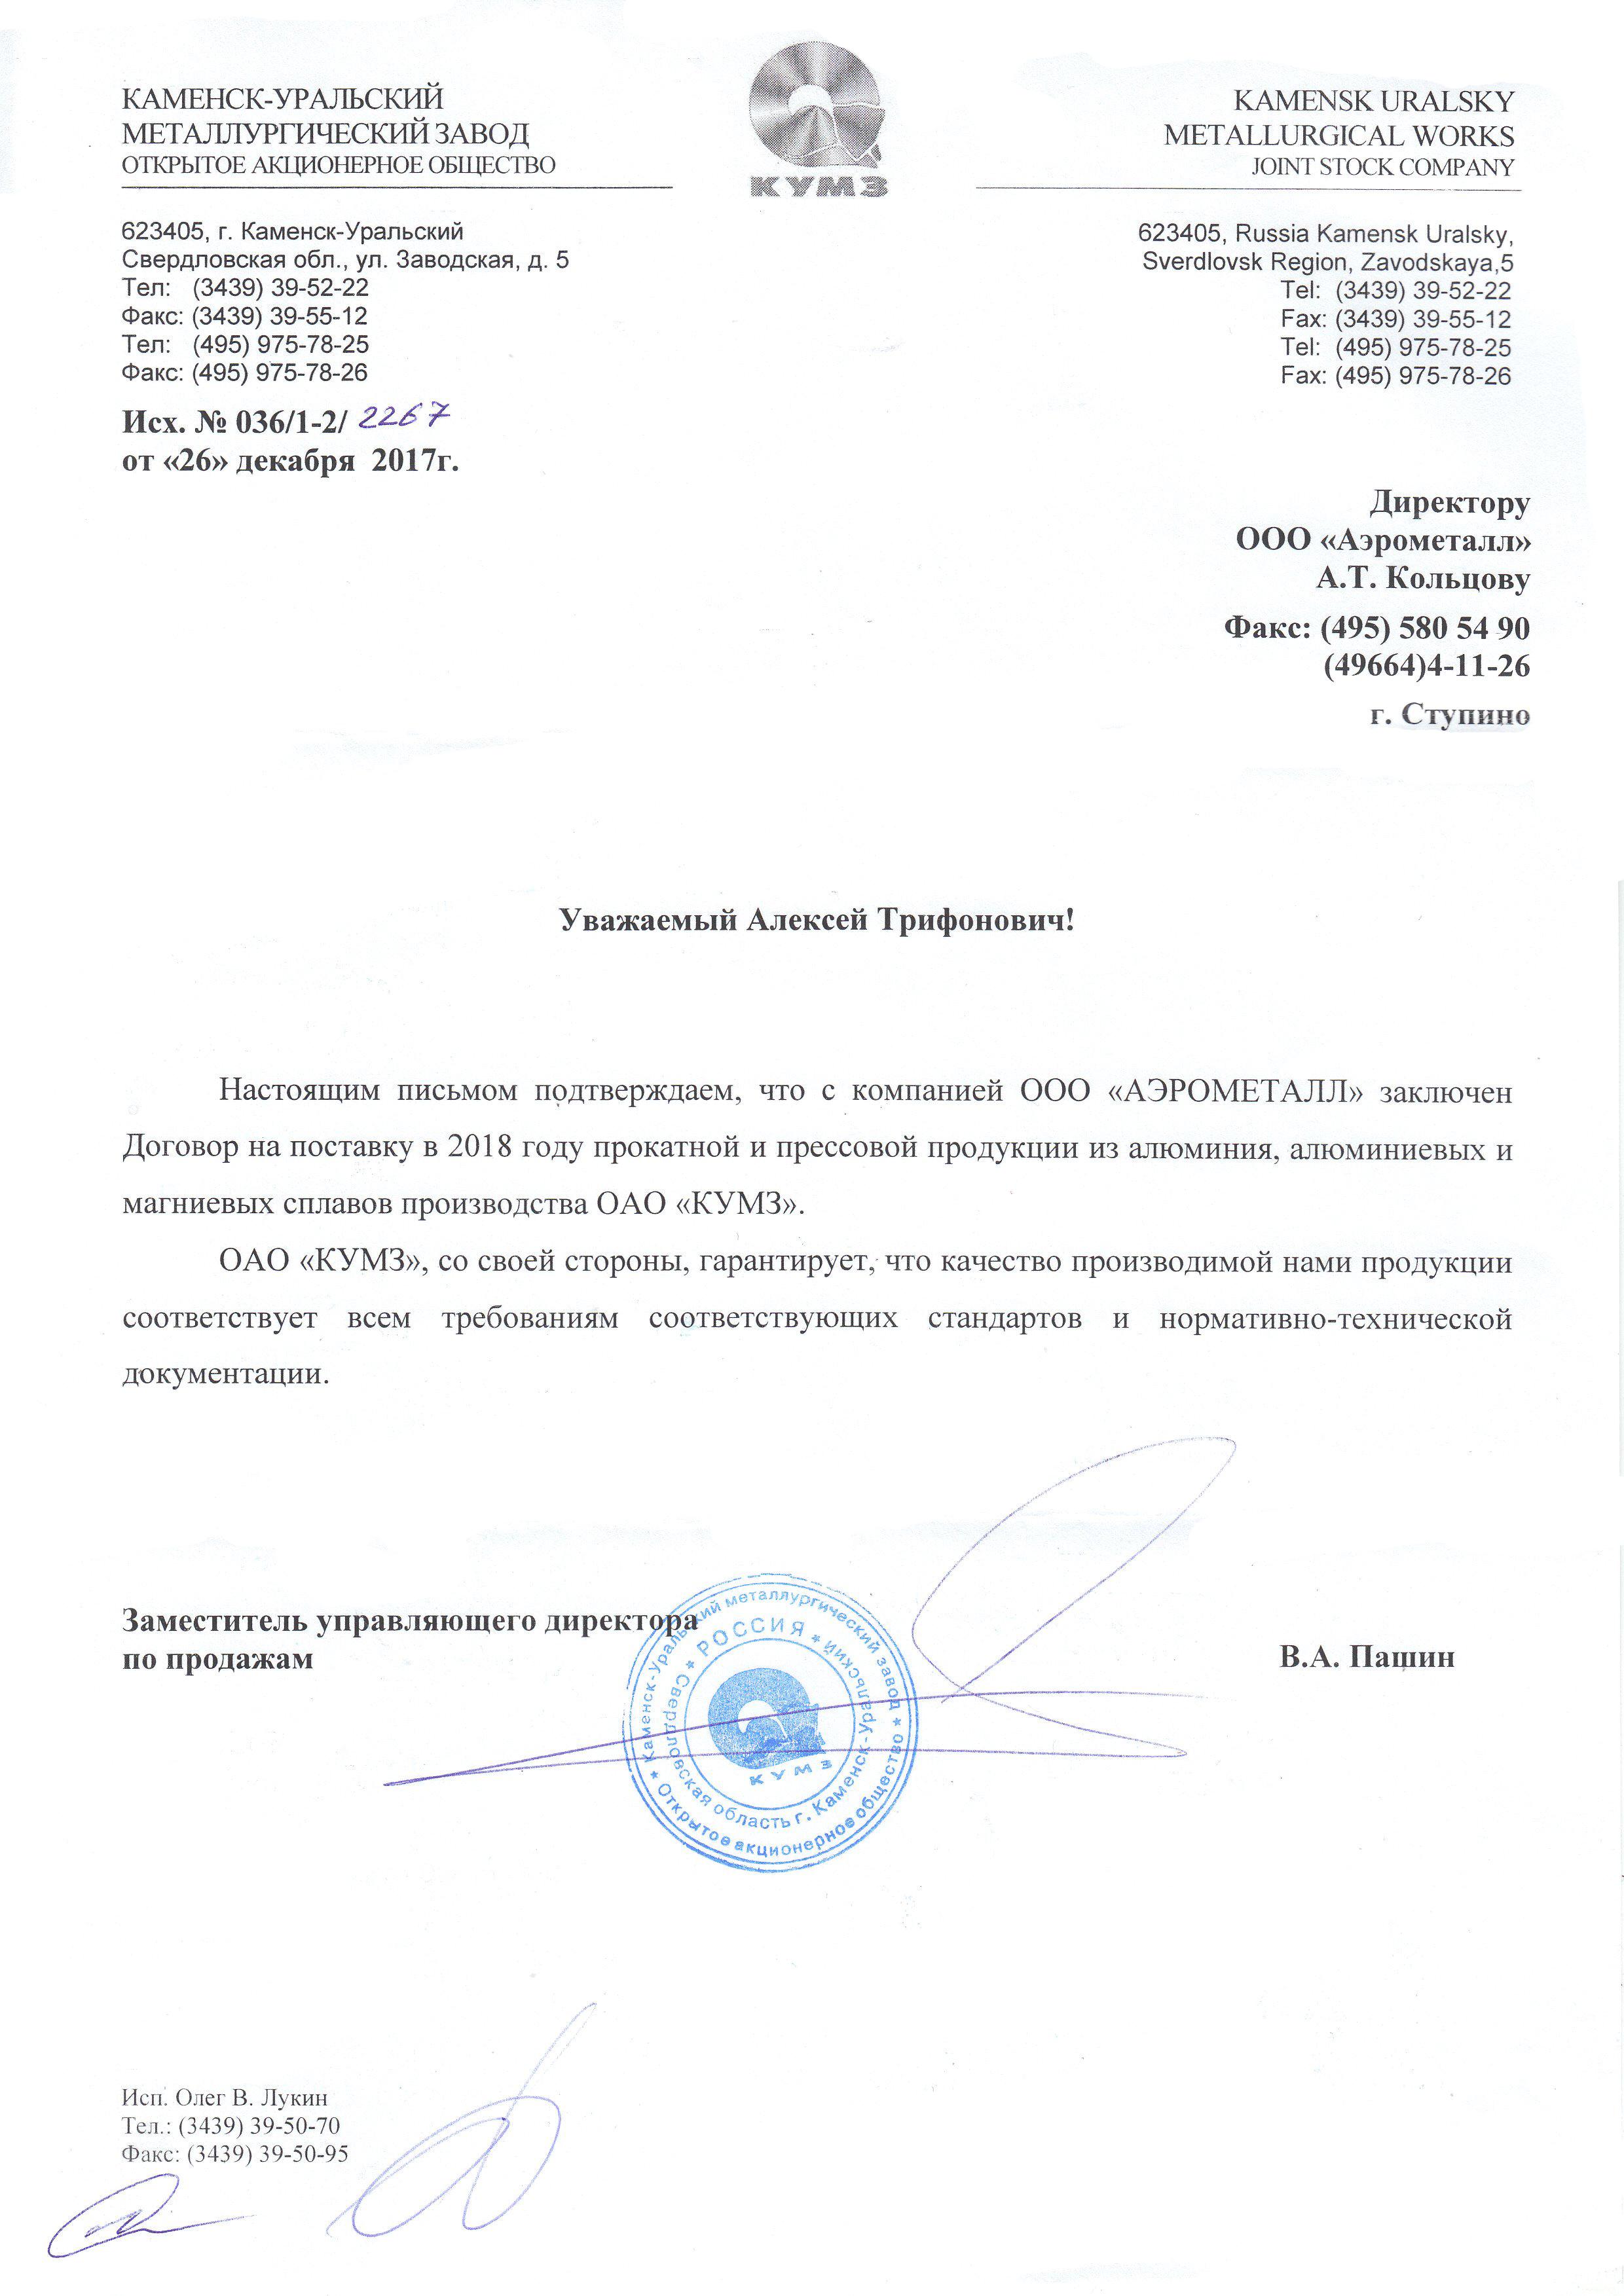 Сертификация смк оао кумз кто имеет право на получение государственного жилищного сертификата